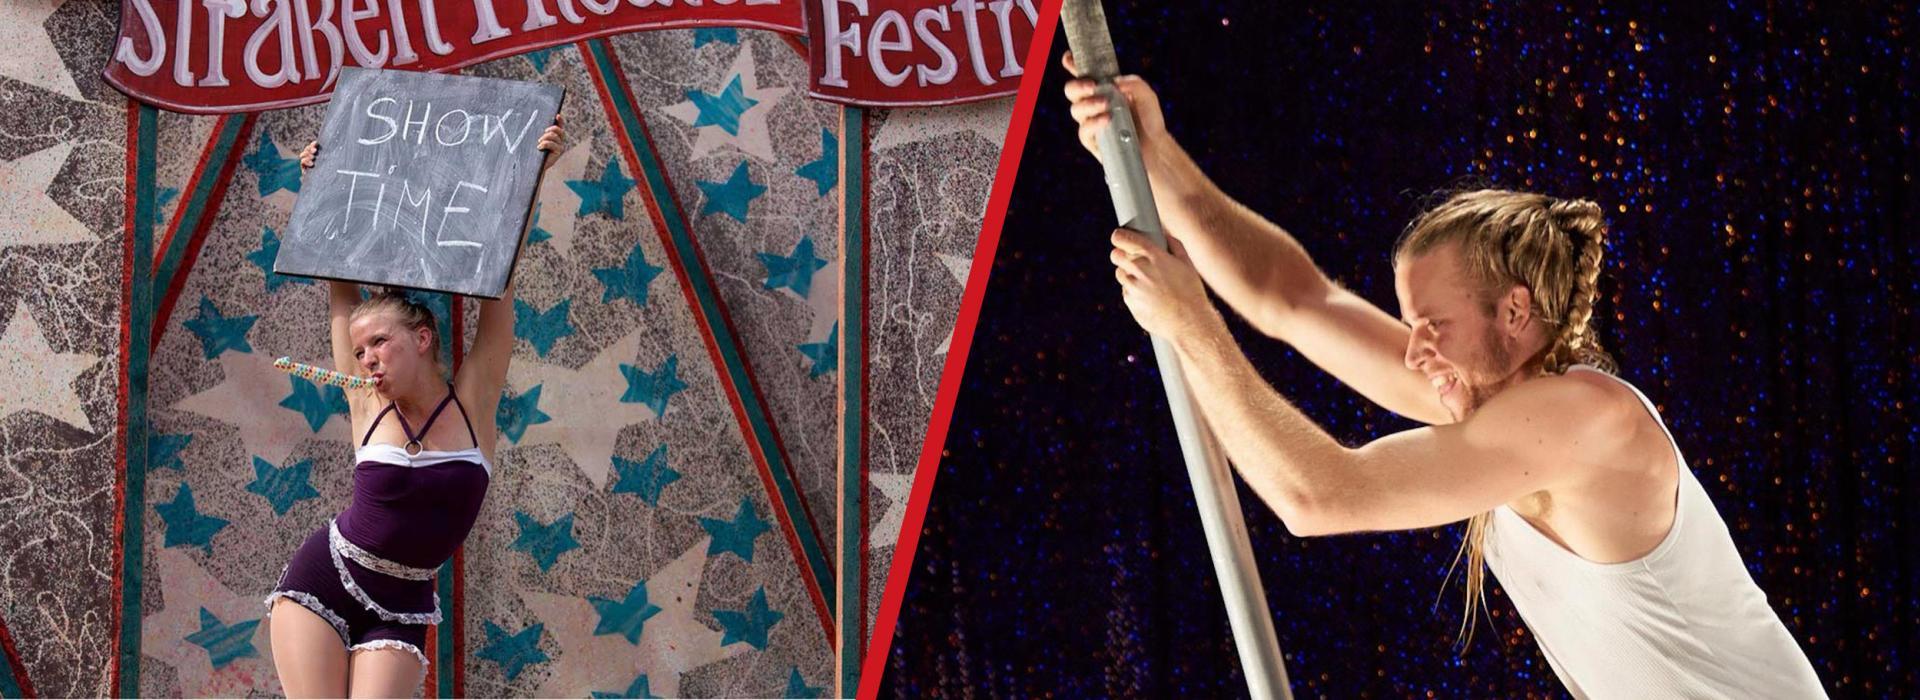 Anaëlle Molinario / 100 % Circus